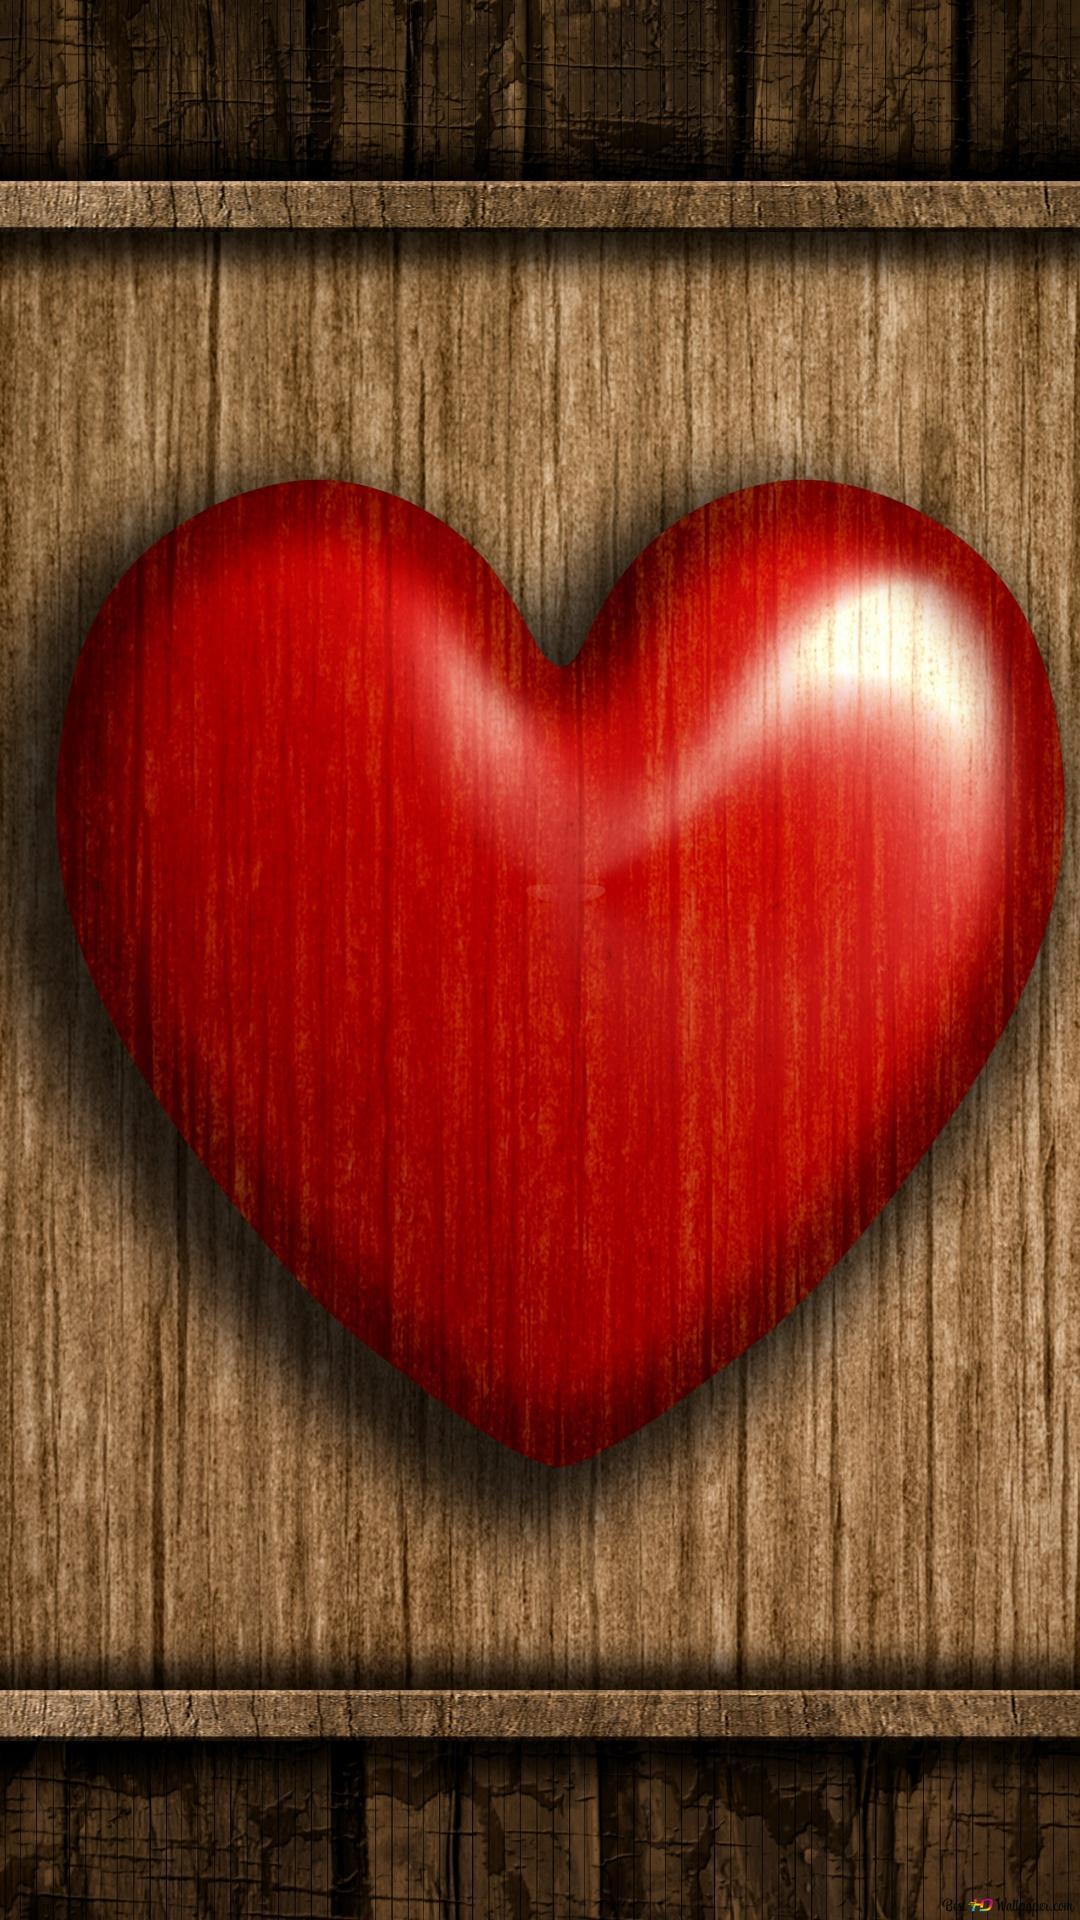 バレンタインデー 芸術の木製の赤いハート Hd壁紙のダウンロード